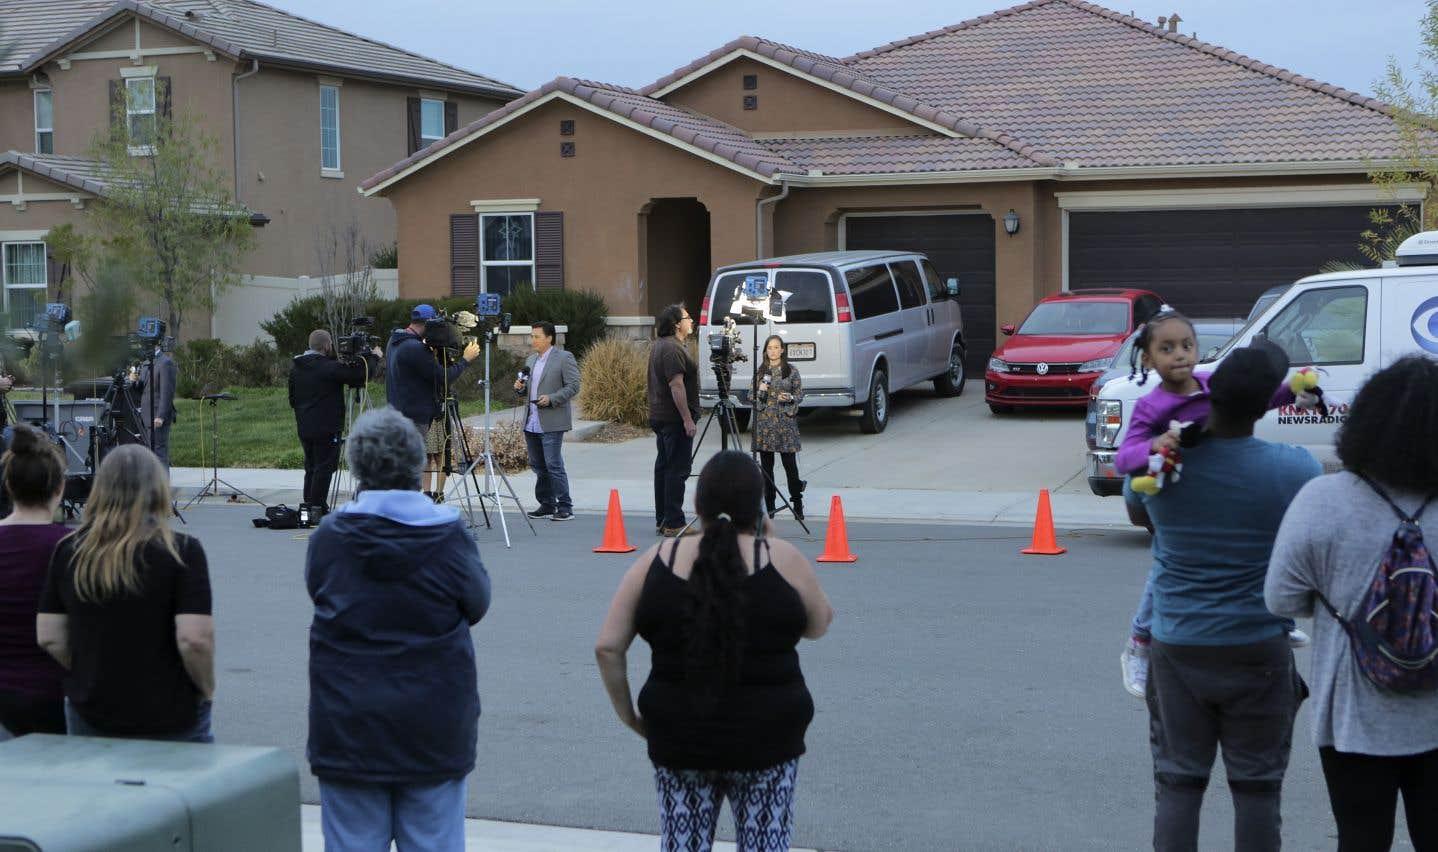 Les policiers ont secouru dimanche dernier 13 frères et sœurs séquestrés par leurs parents dans cette demeure de Perris, en Californie.